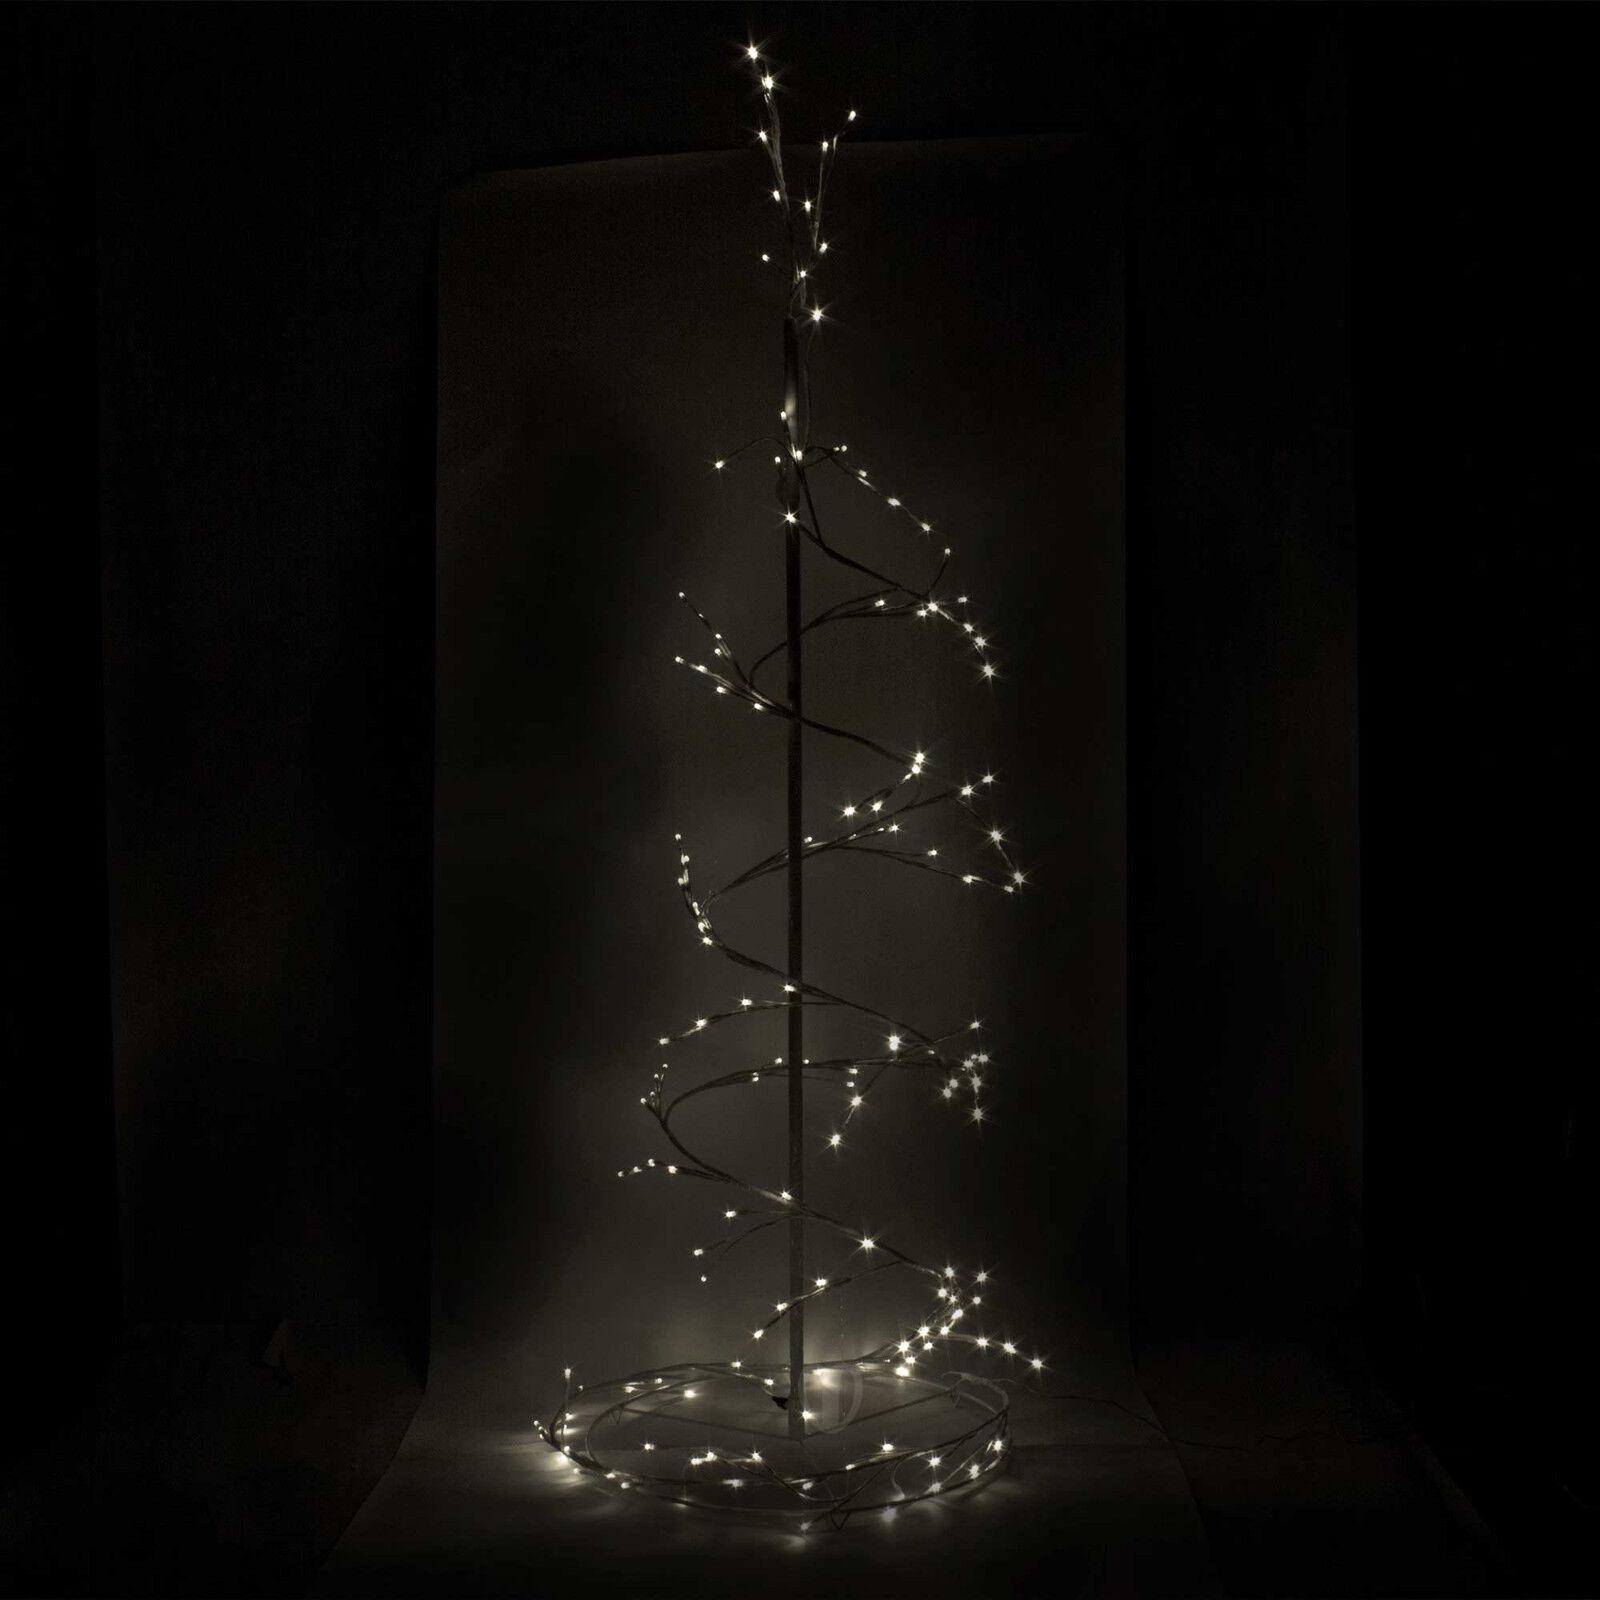 Weihnachtsbeleuchtung Auf Rechnung.Details Zu Spiralbaum 160 Led Außen 150 Cm Weihnachtsbaum Weihnachtsbeleuchtung Baum